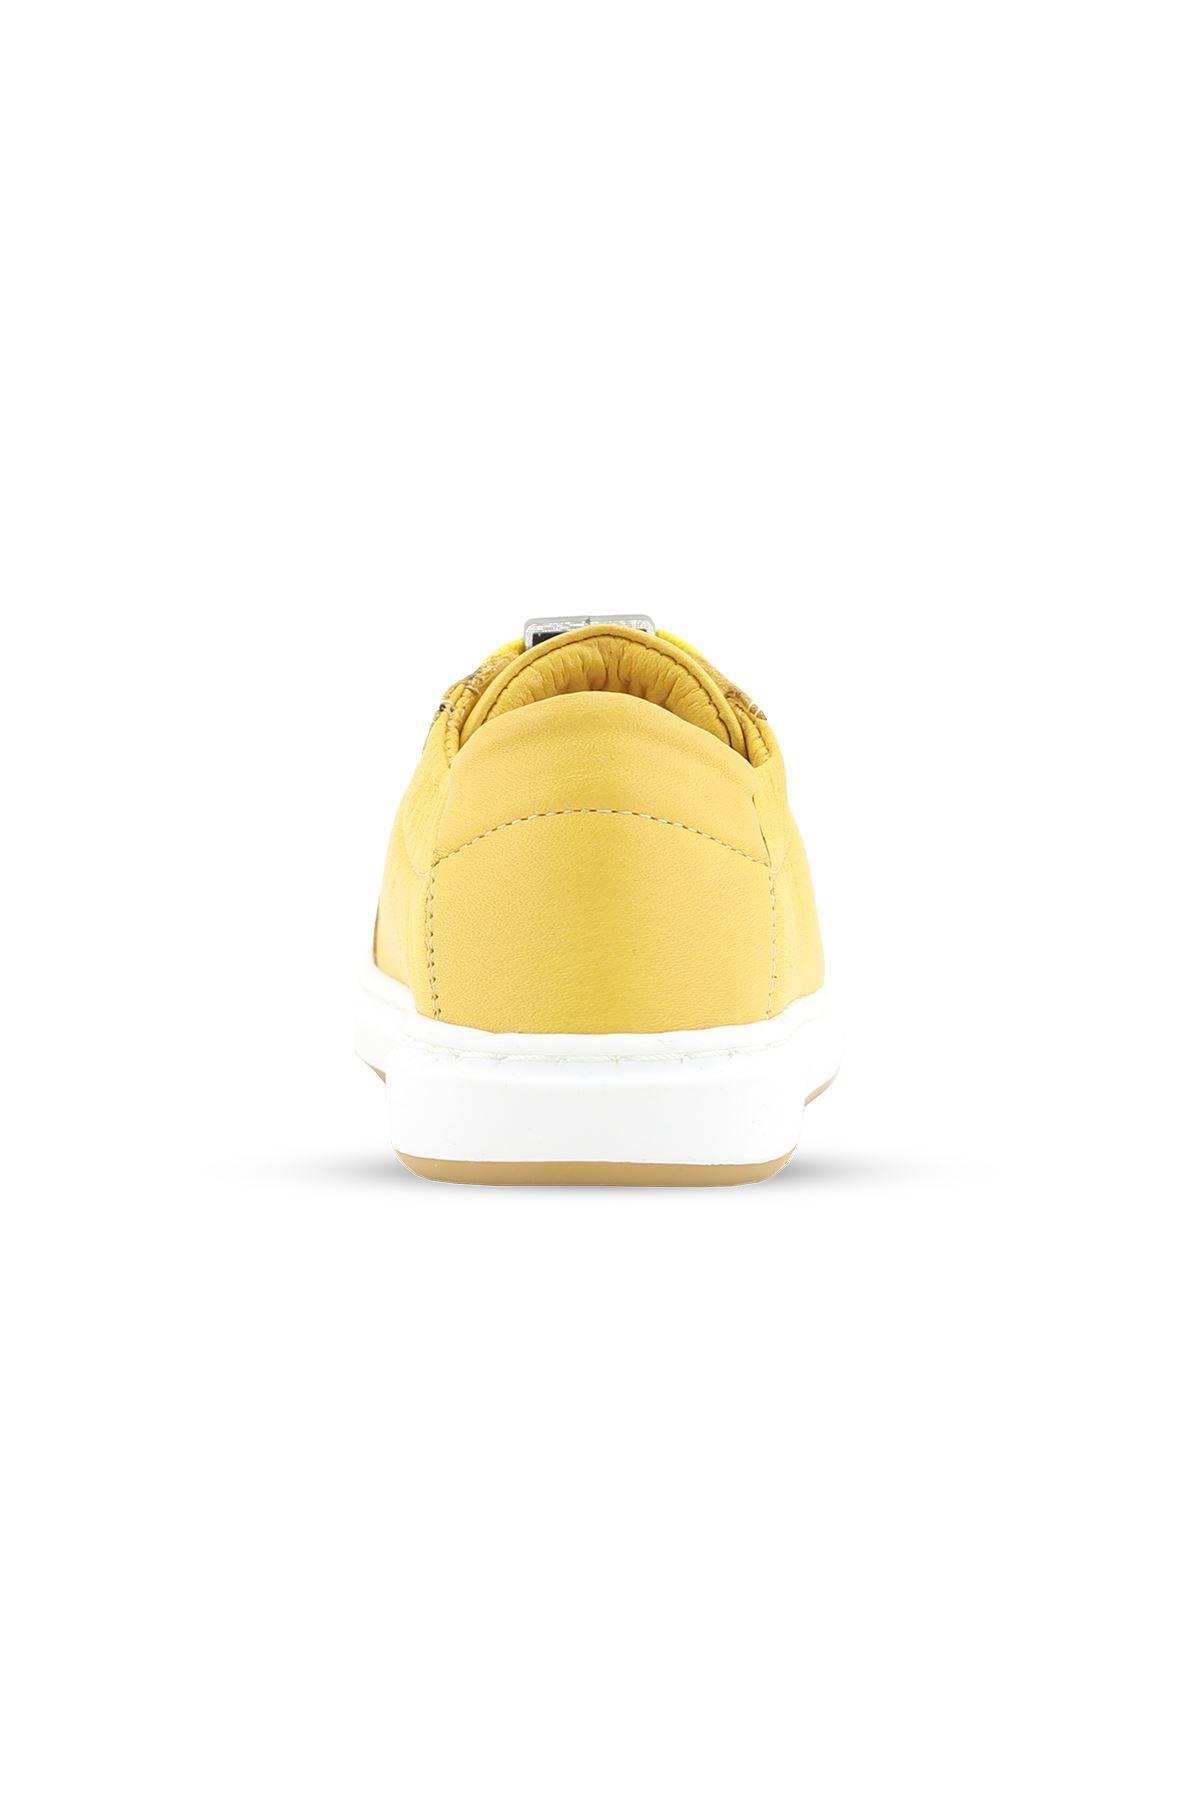 Sarı Hakiki Deri Bebek/Çocuk ilk Adım Günlük Spor Ayakkabı - BB0405 SARI